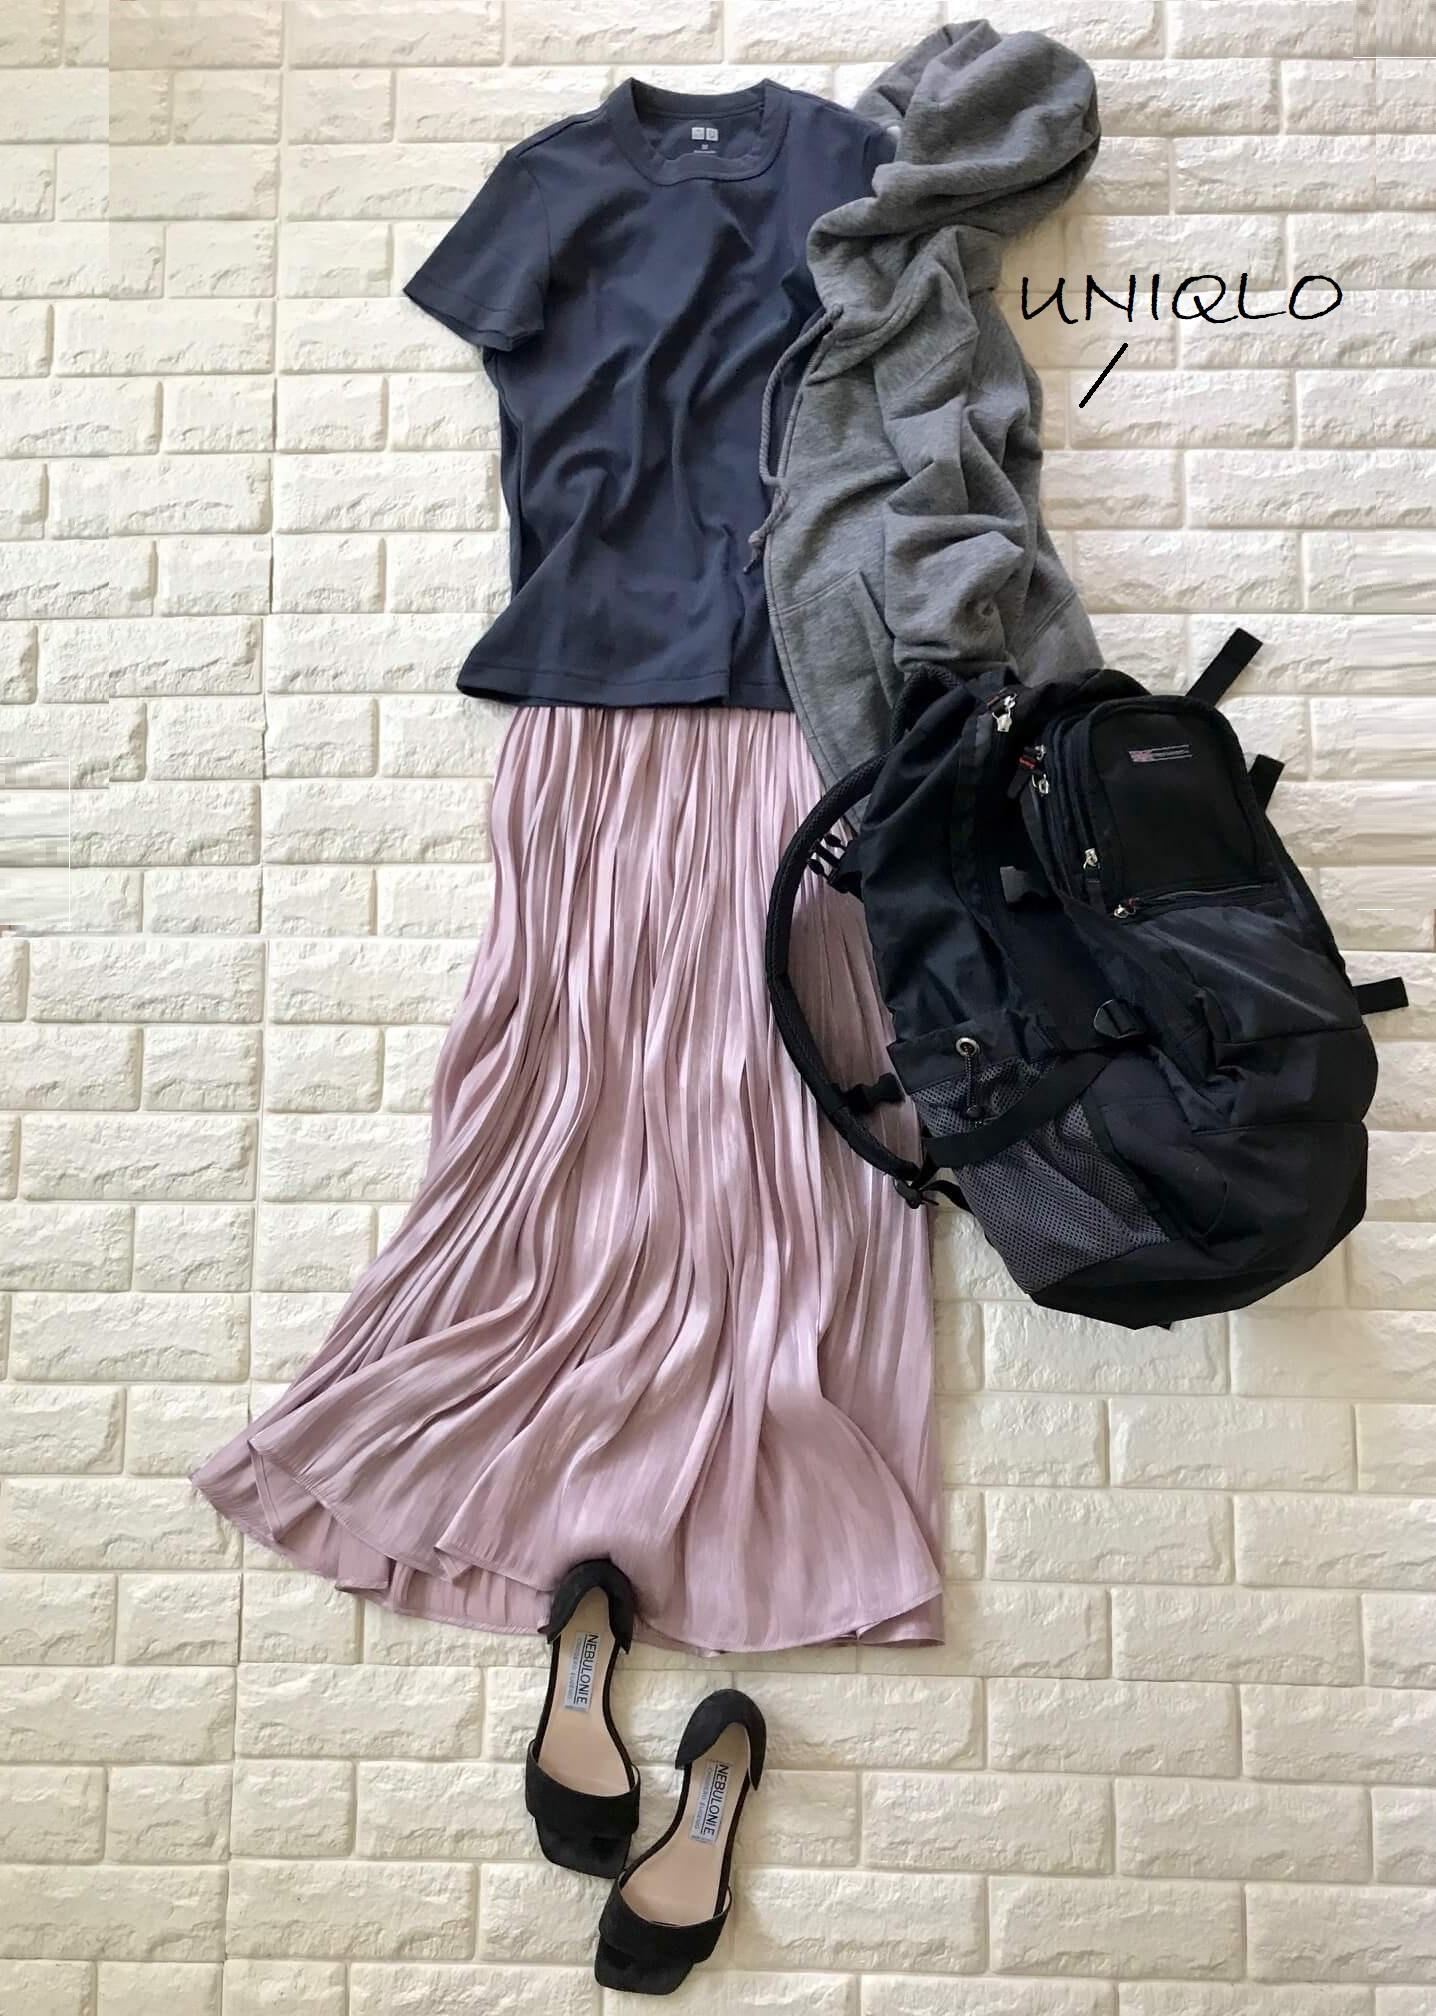 ユニクロTシャツとVISのスカートを合わせたリュックサックコーデ